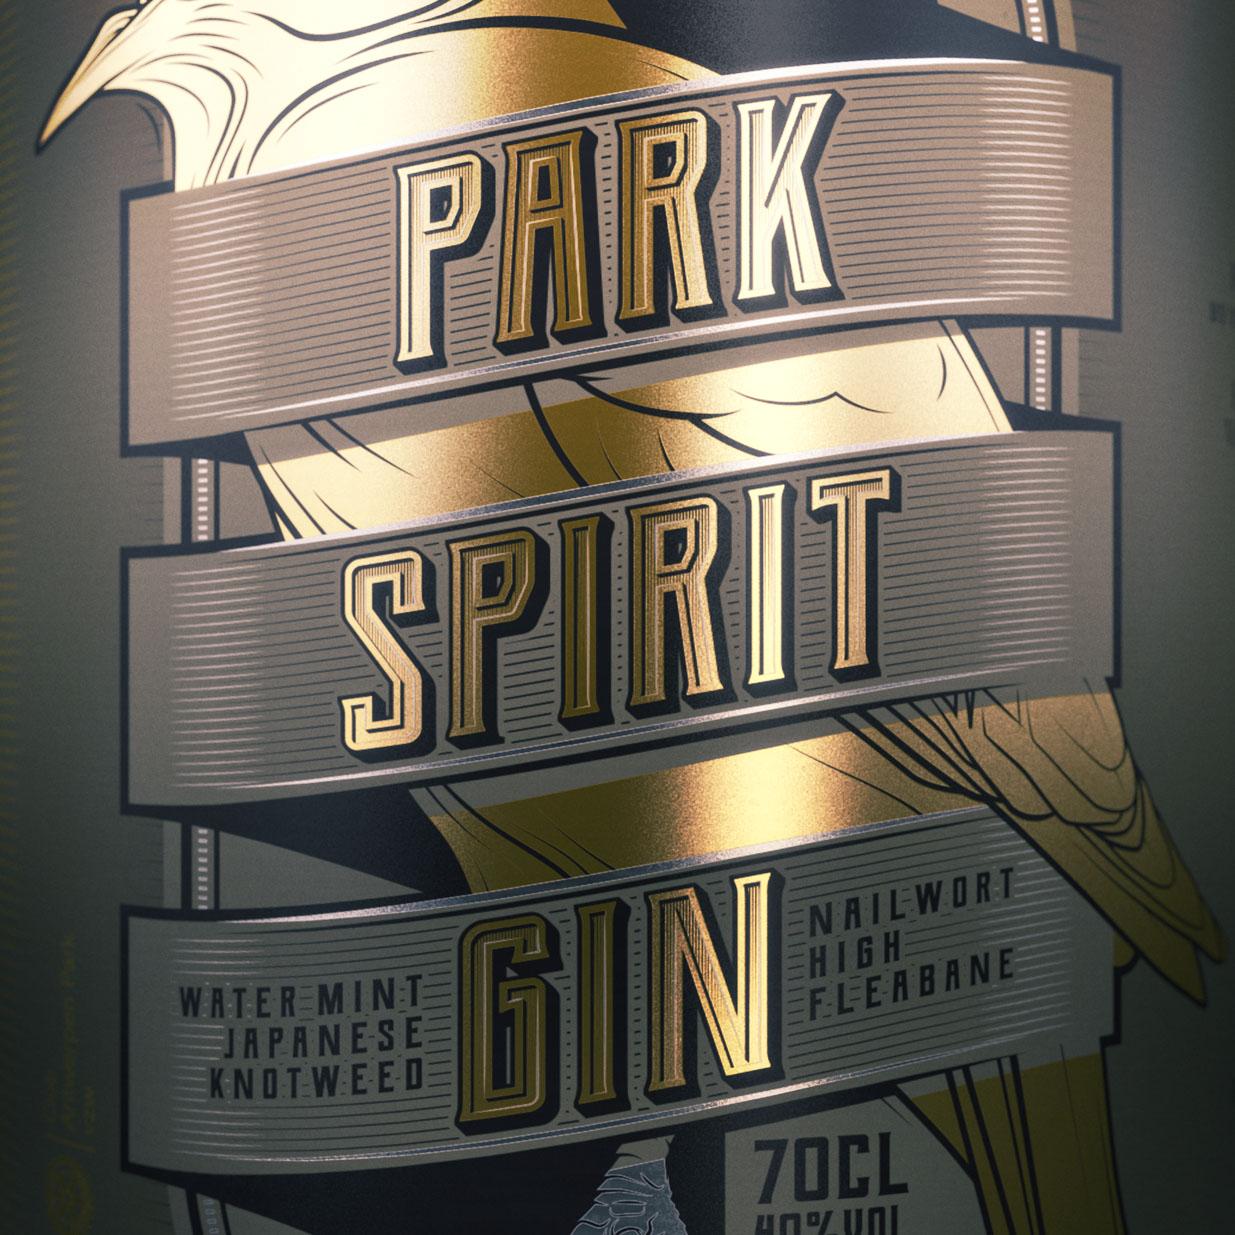 ParkSpiritGin V04 - Park Spirit Gin